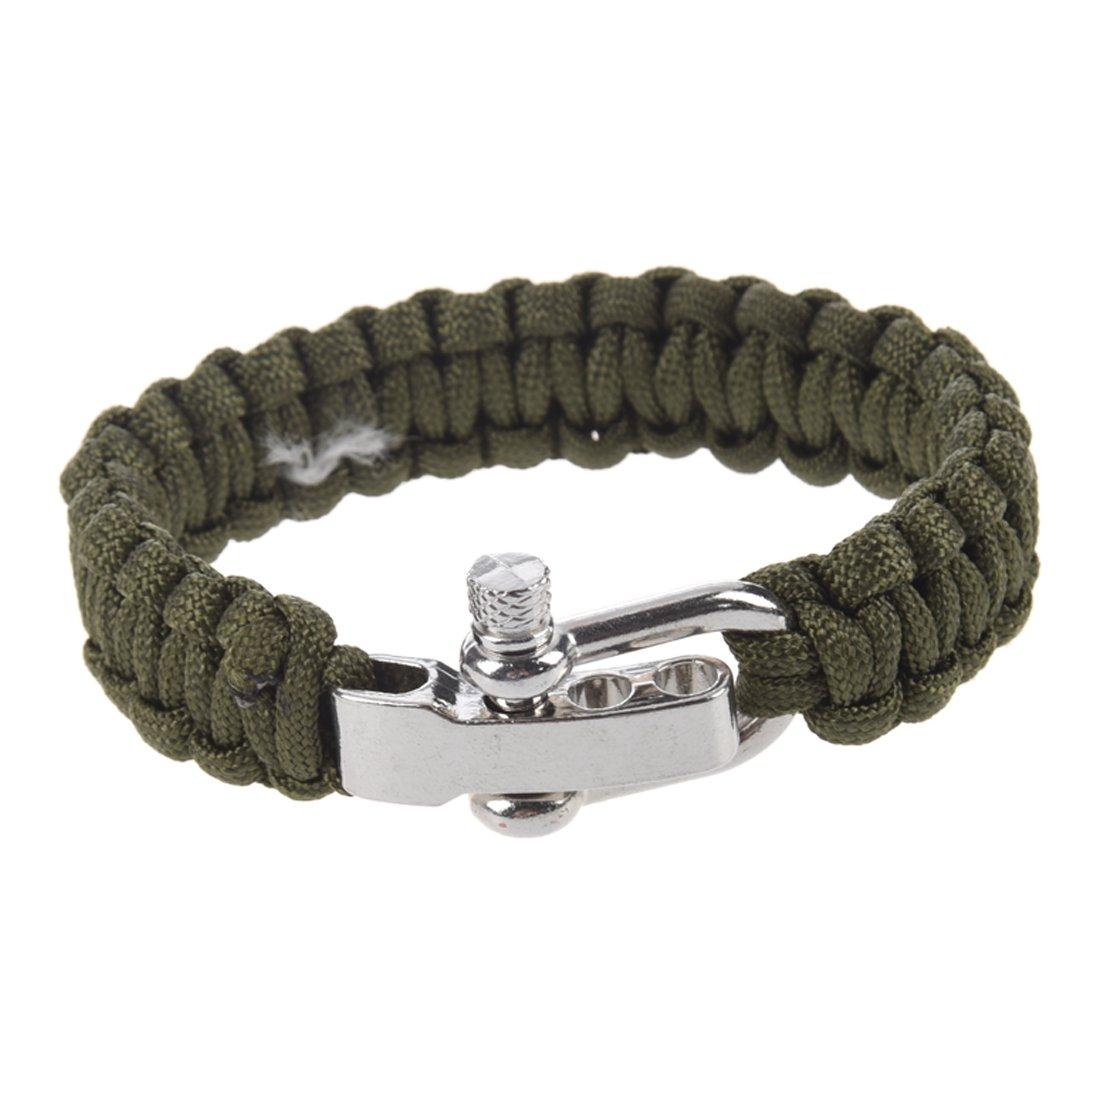 ueberleben Armband - TOOGOO(R) Einstellbar ueberleben Armband fuer Fallschrim Schnur mit Edelstahl Metallverschluss(Braun)